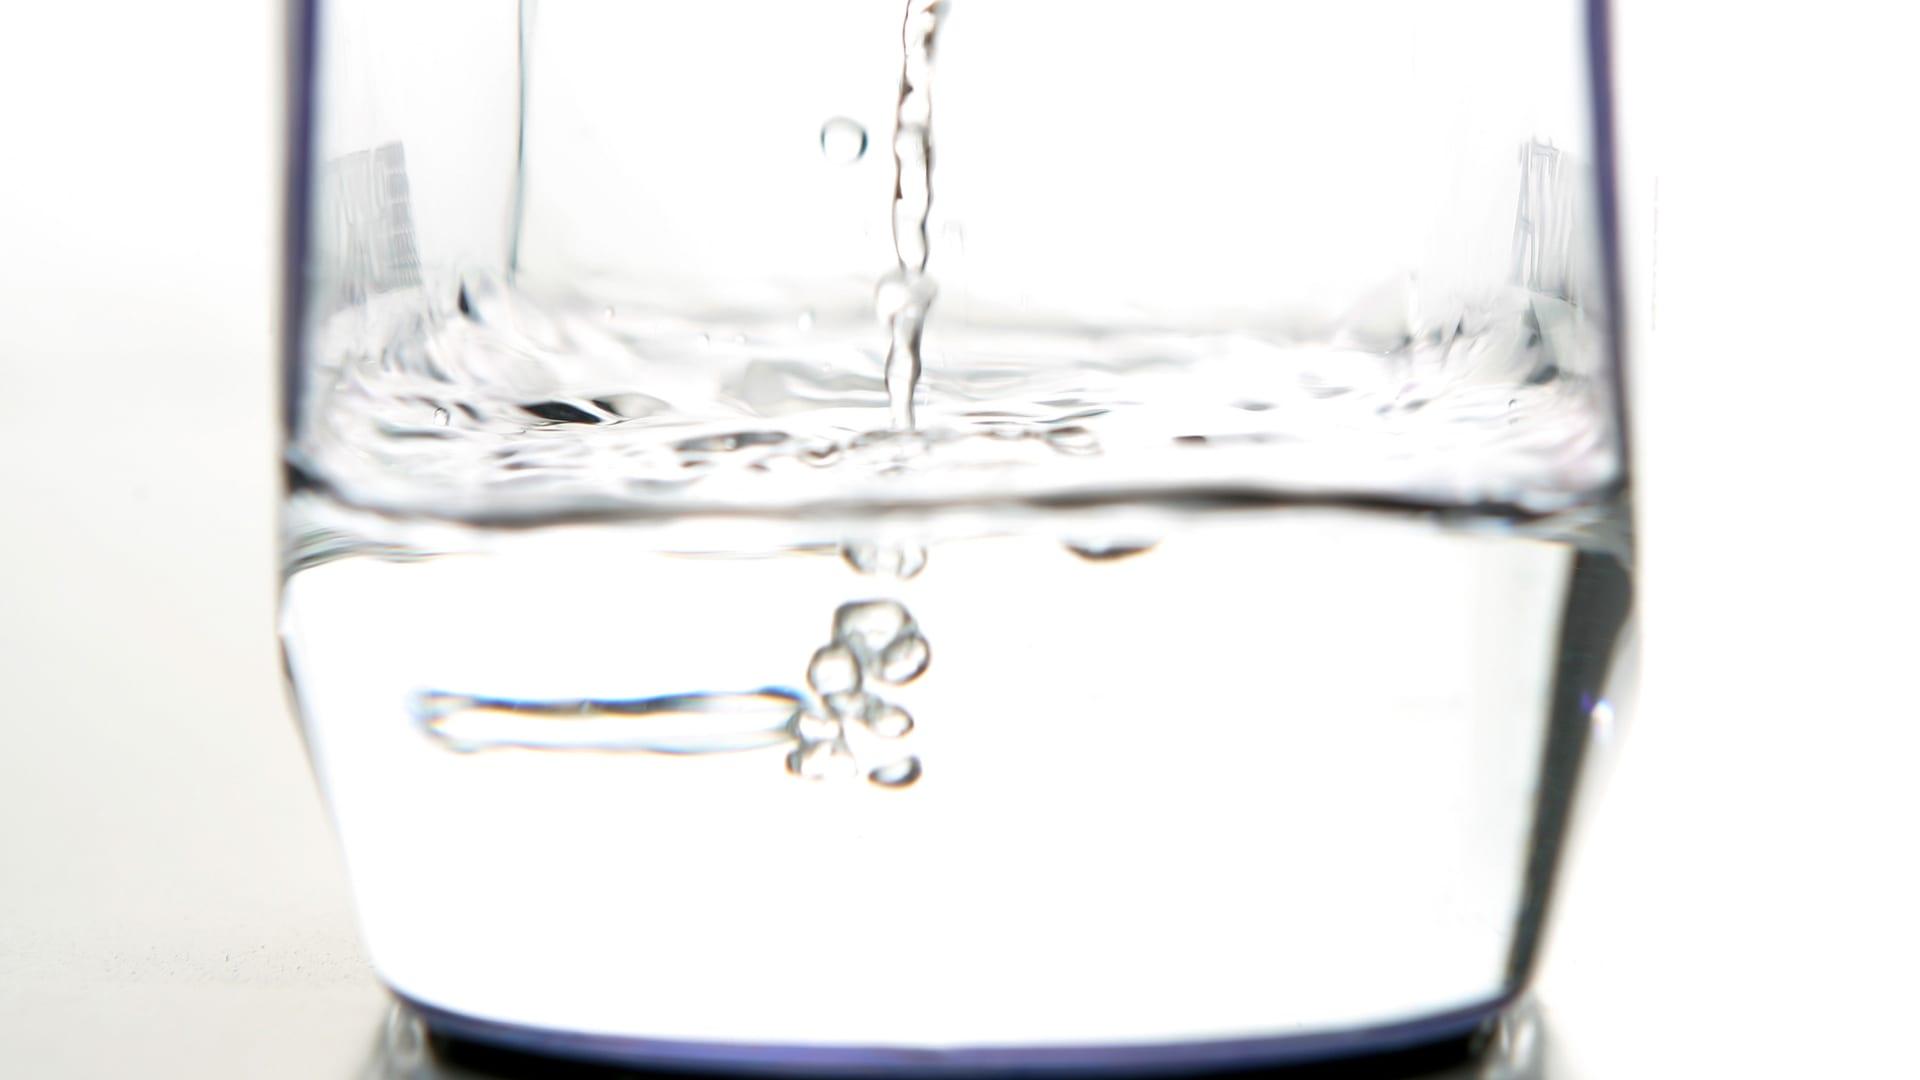 اشرب المزيد من الماء